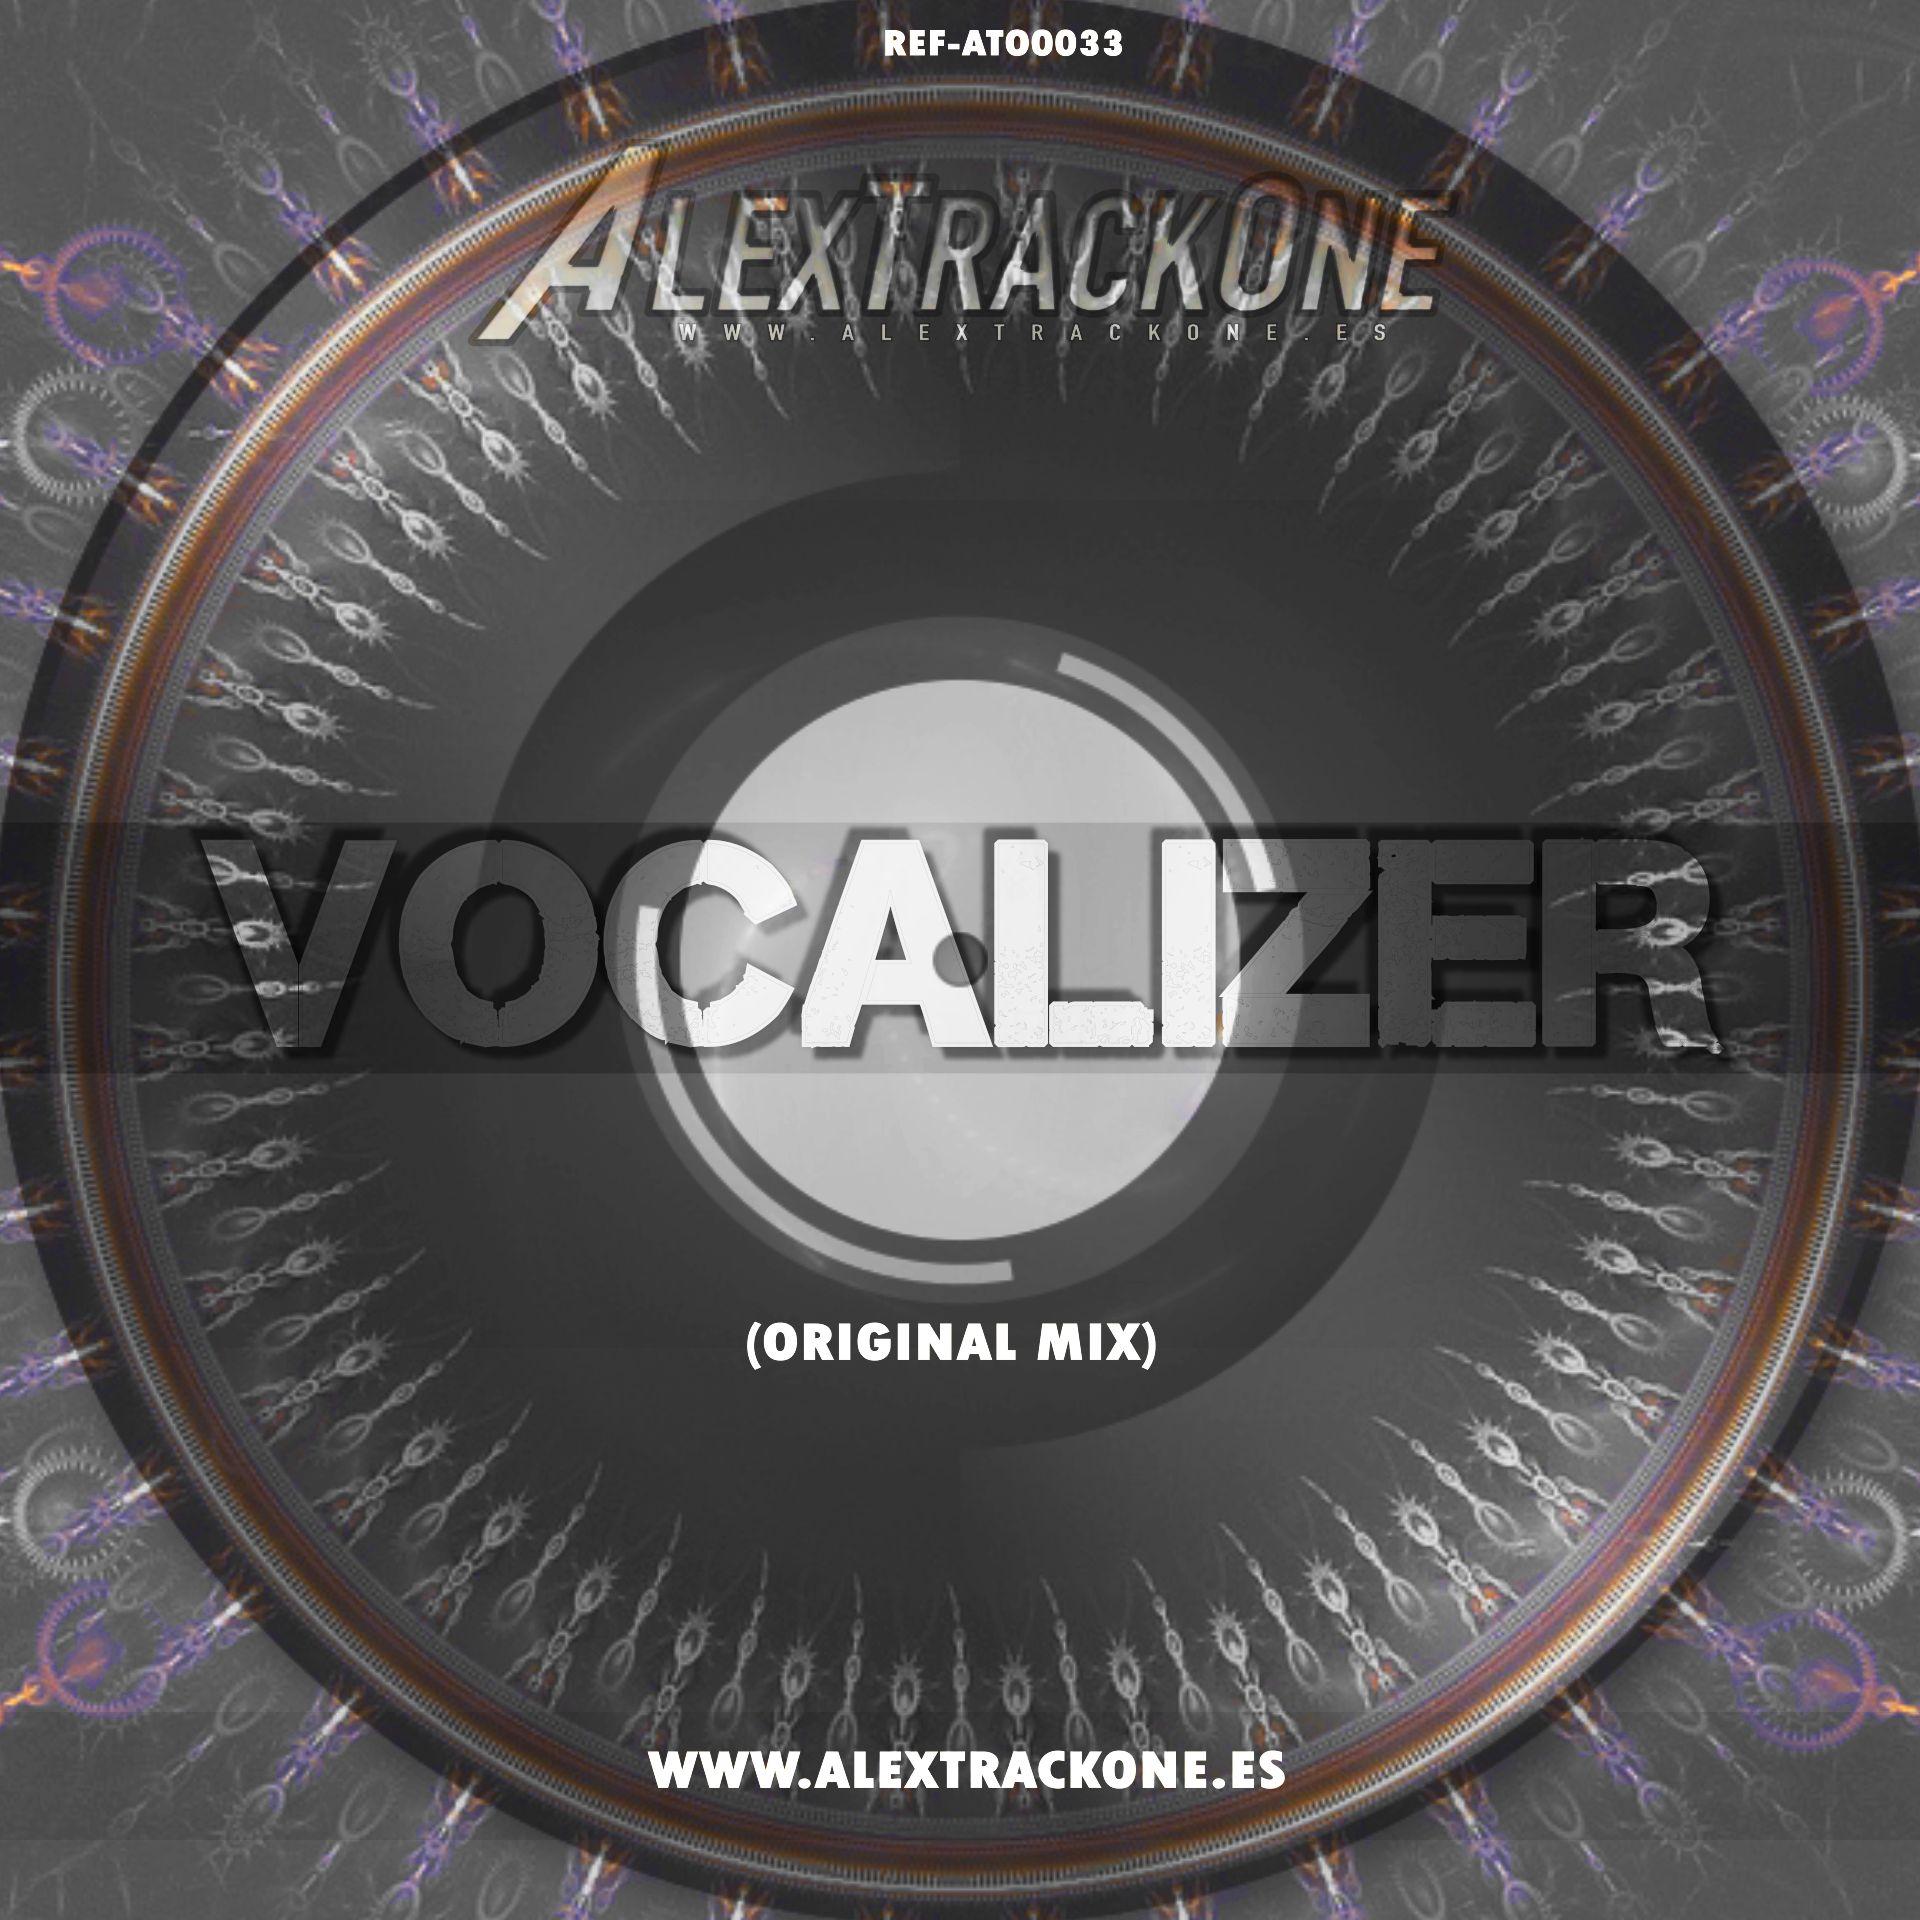 REF-ATO0033 VOCALIZER (ORIGINAL MIX) (MP3 & WAV)